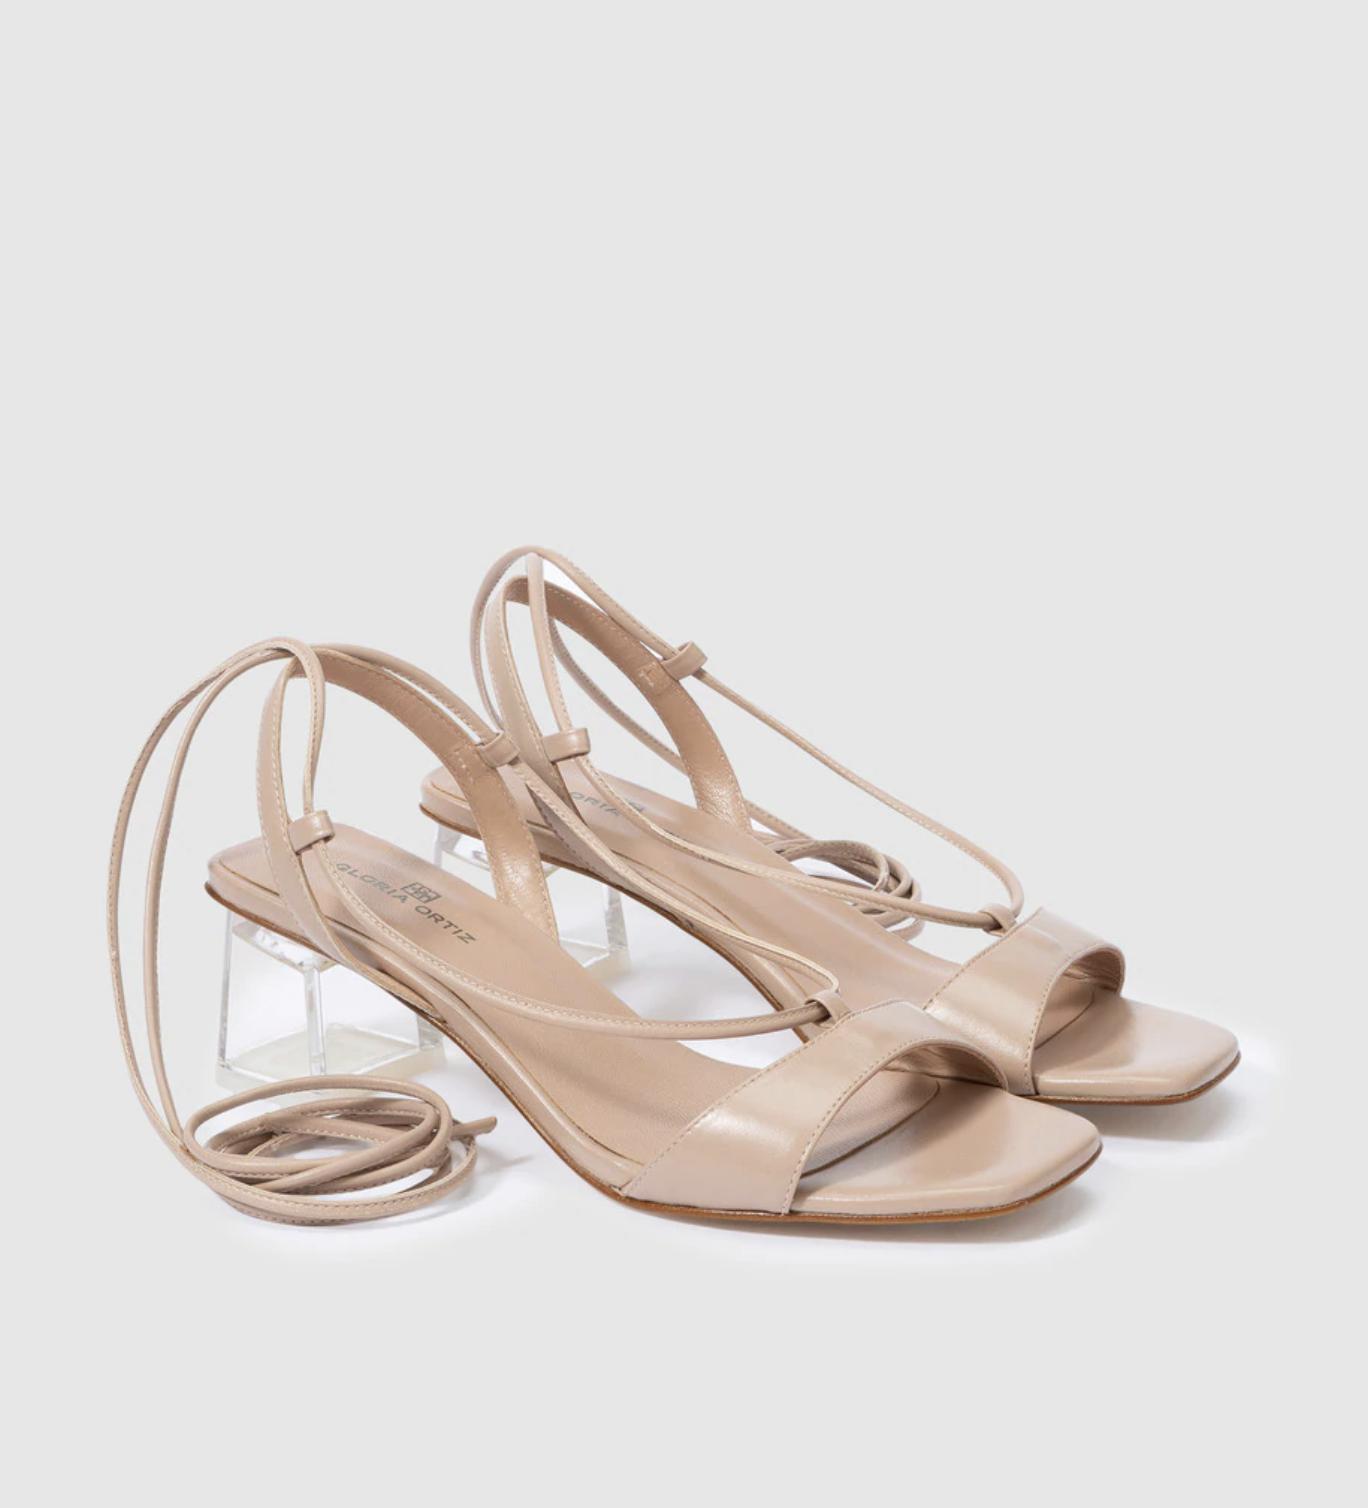 Sandalias de tacón de mujer Gloria Ortiz de piel con cierre de cordones al tobillo